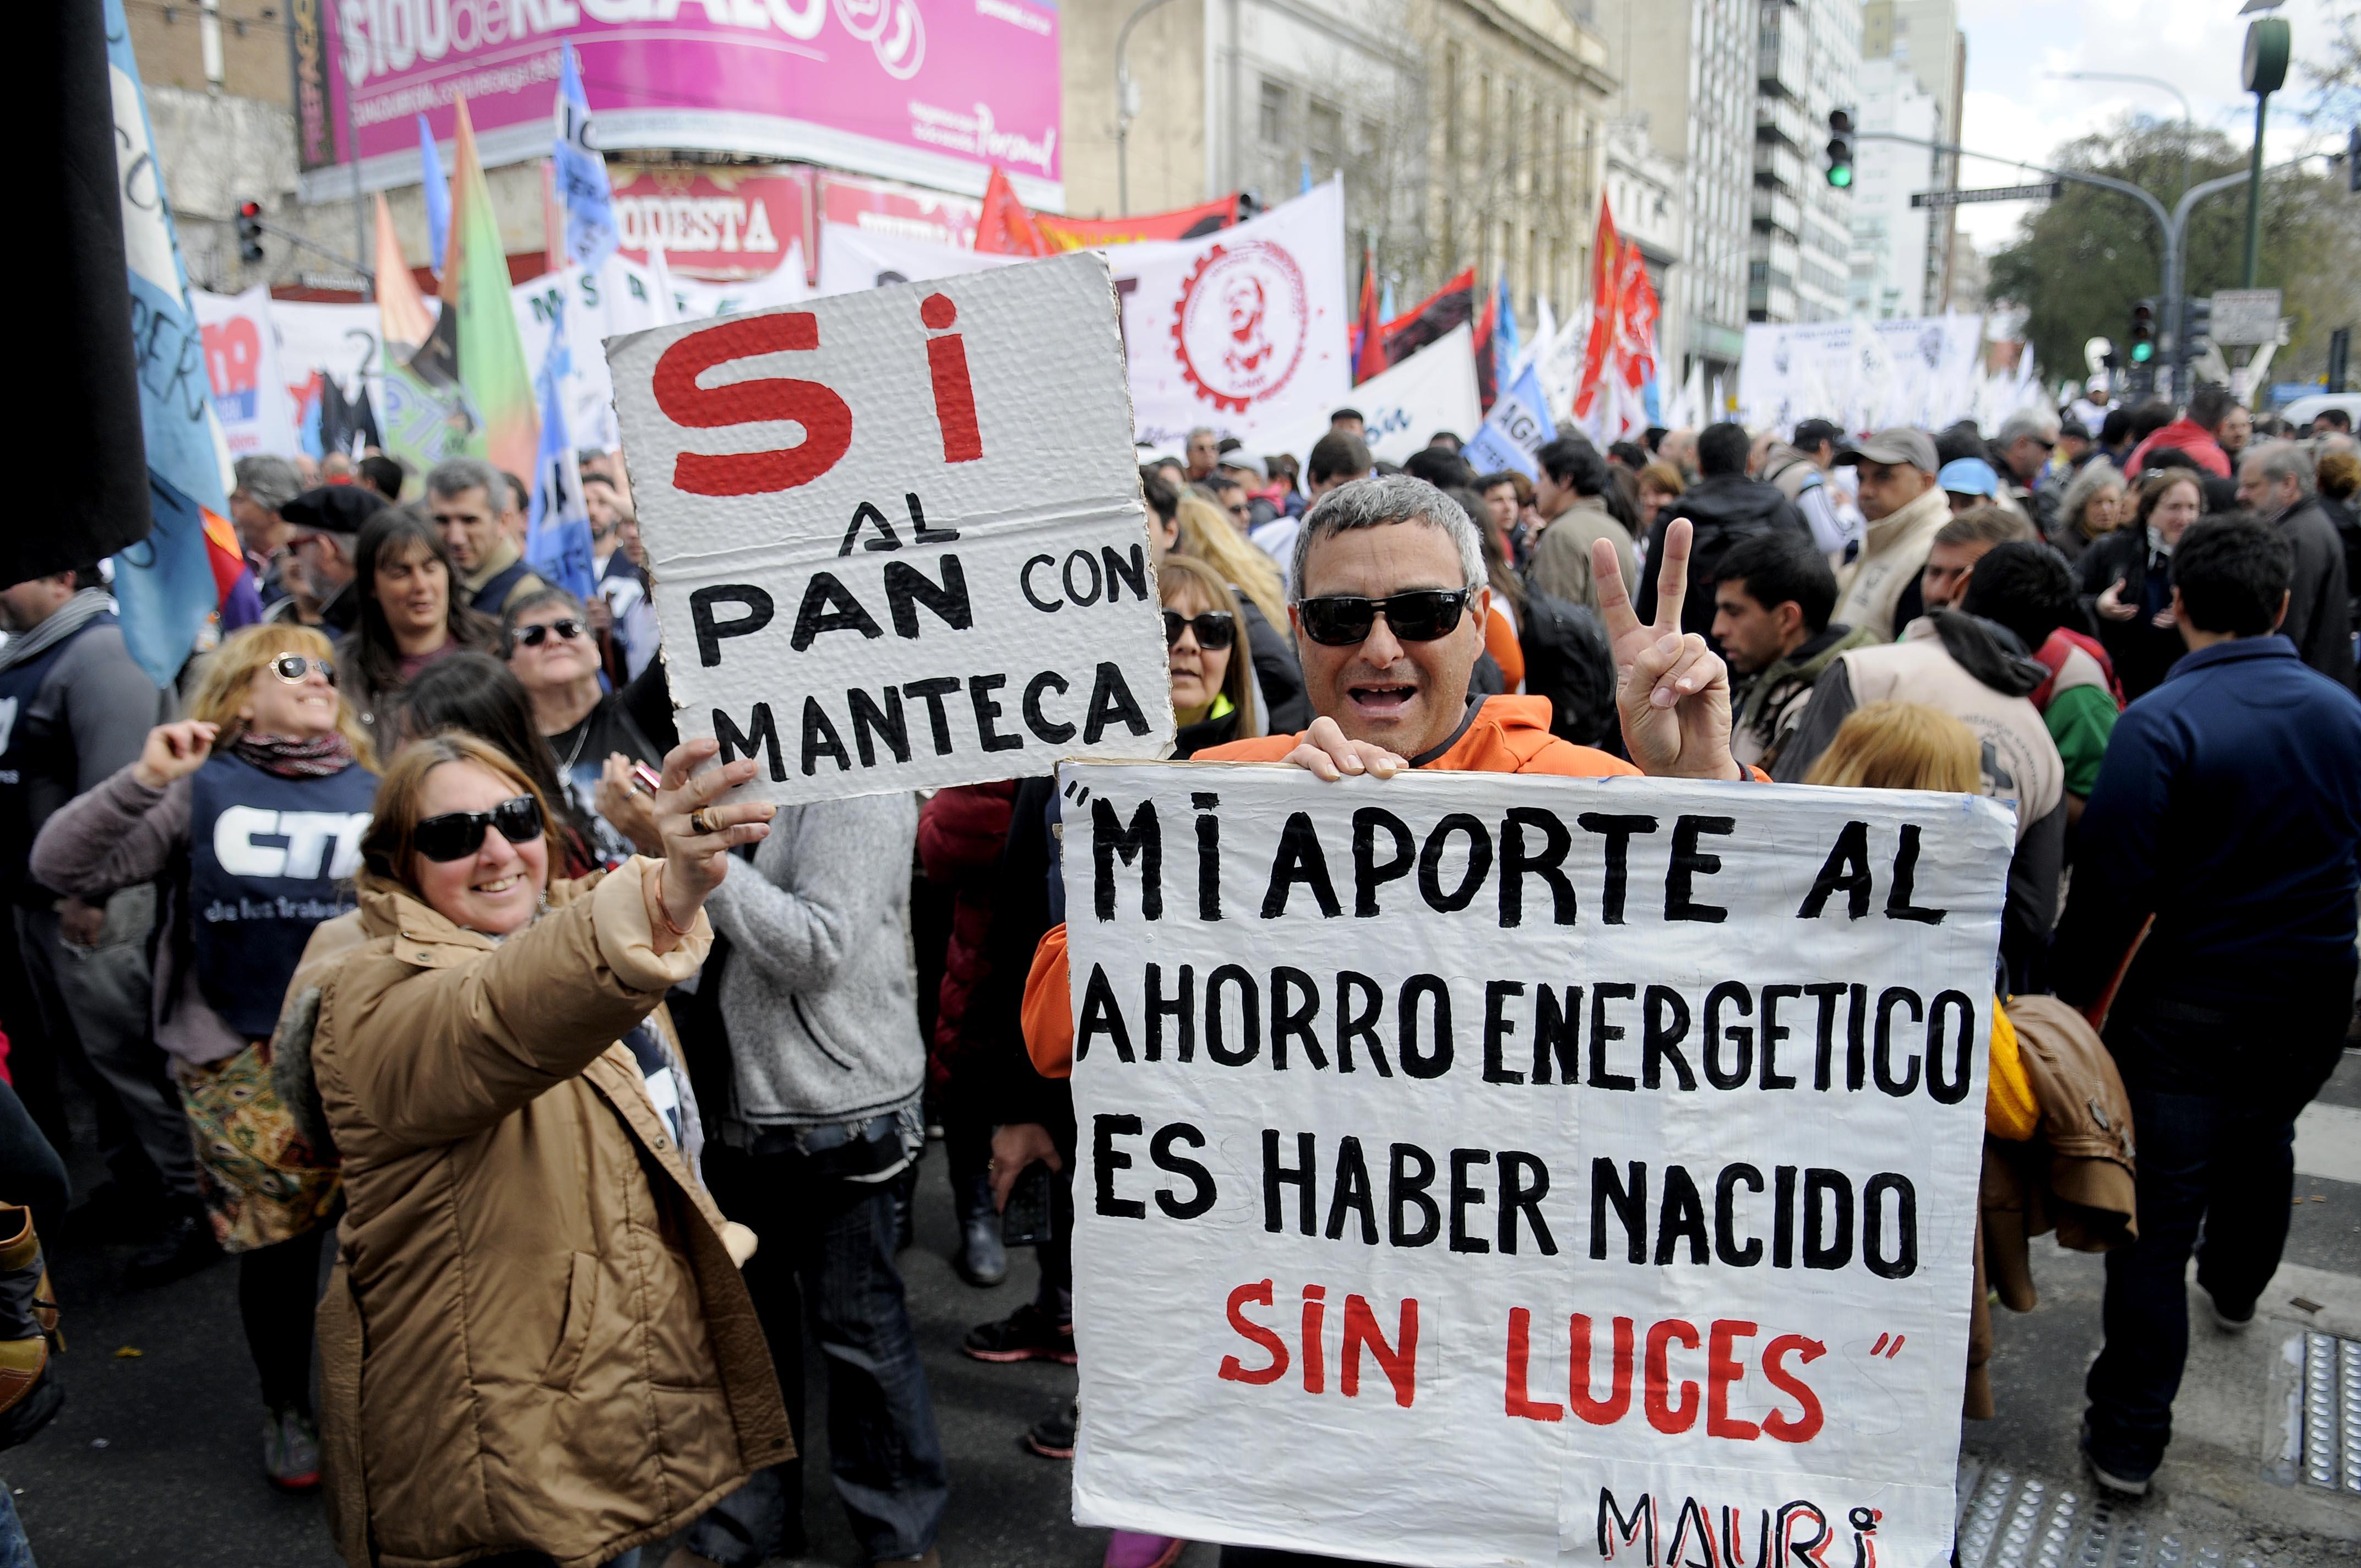 DYN608, BUENOS AIRES 02/09/2016, CONCENTRACION  EN AVENIDA RIVADAVIA Y PUEYRREDON DESDE DONDE SE MOVILIZAN HACIA PLAZA DE MAYO EN EL MARCO DE LA MARCHA FEDERAL. FOTO:DYN/PABLO AHARONIAN.